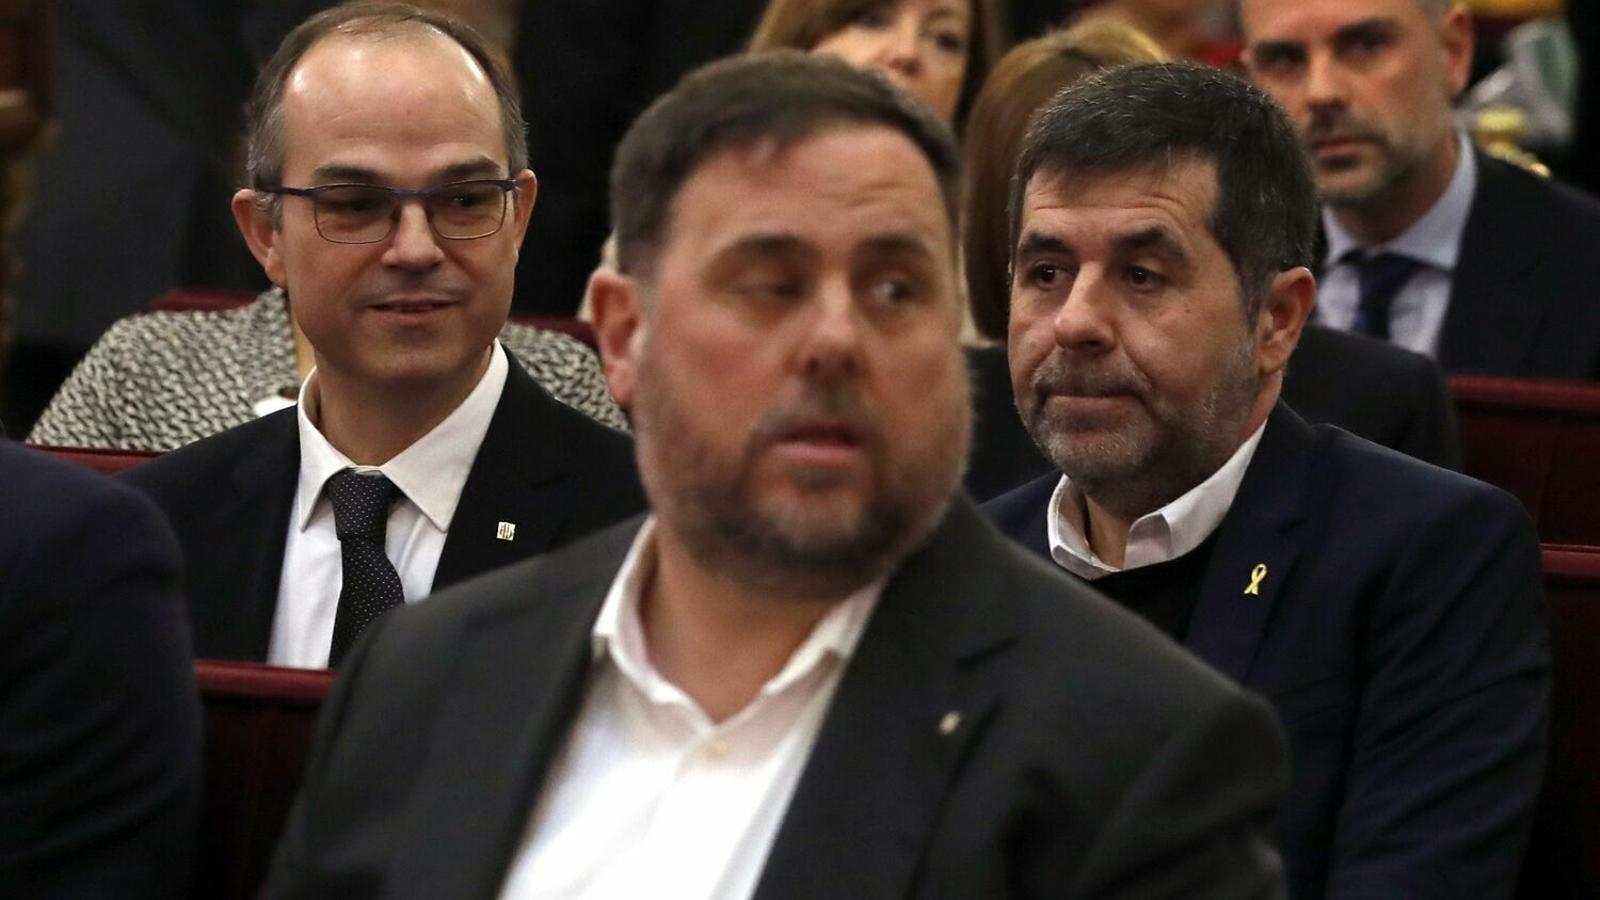 La Junta Electoral impedeix a Atresmedia celebrar el debat del dia 23 que incloïa Vox